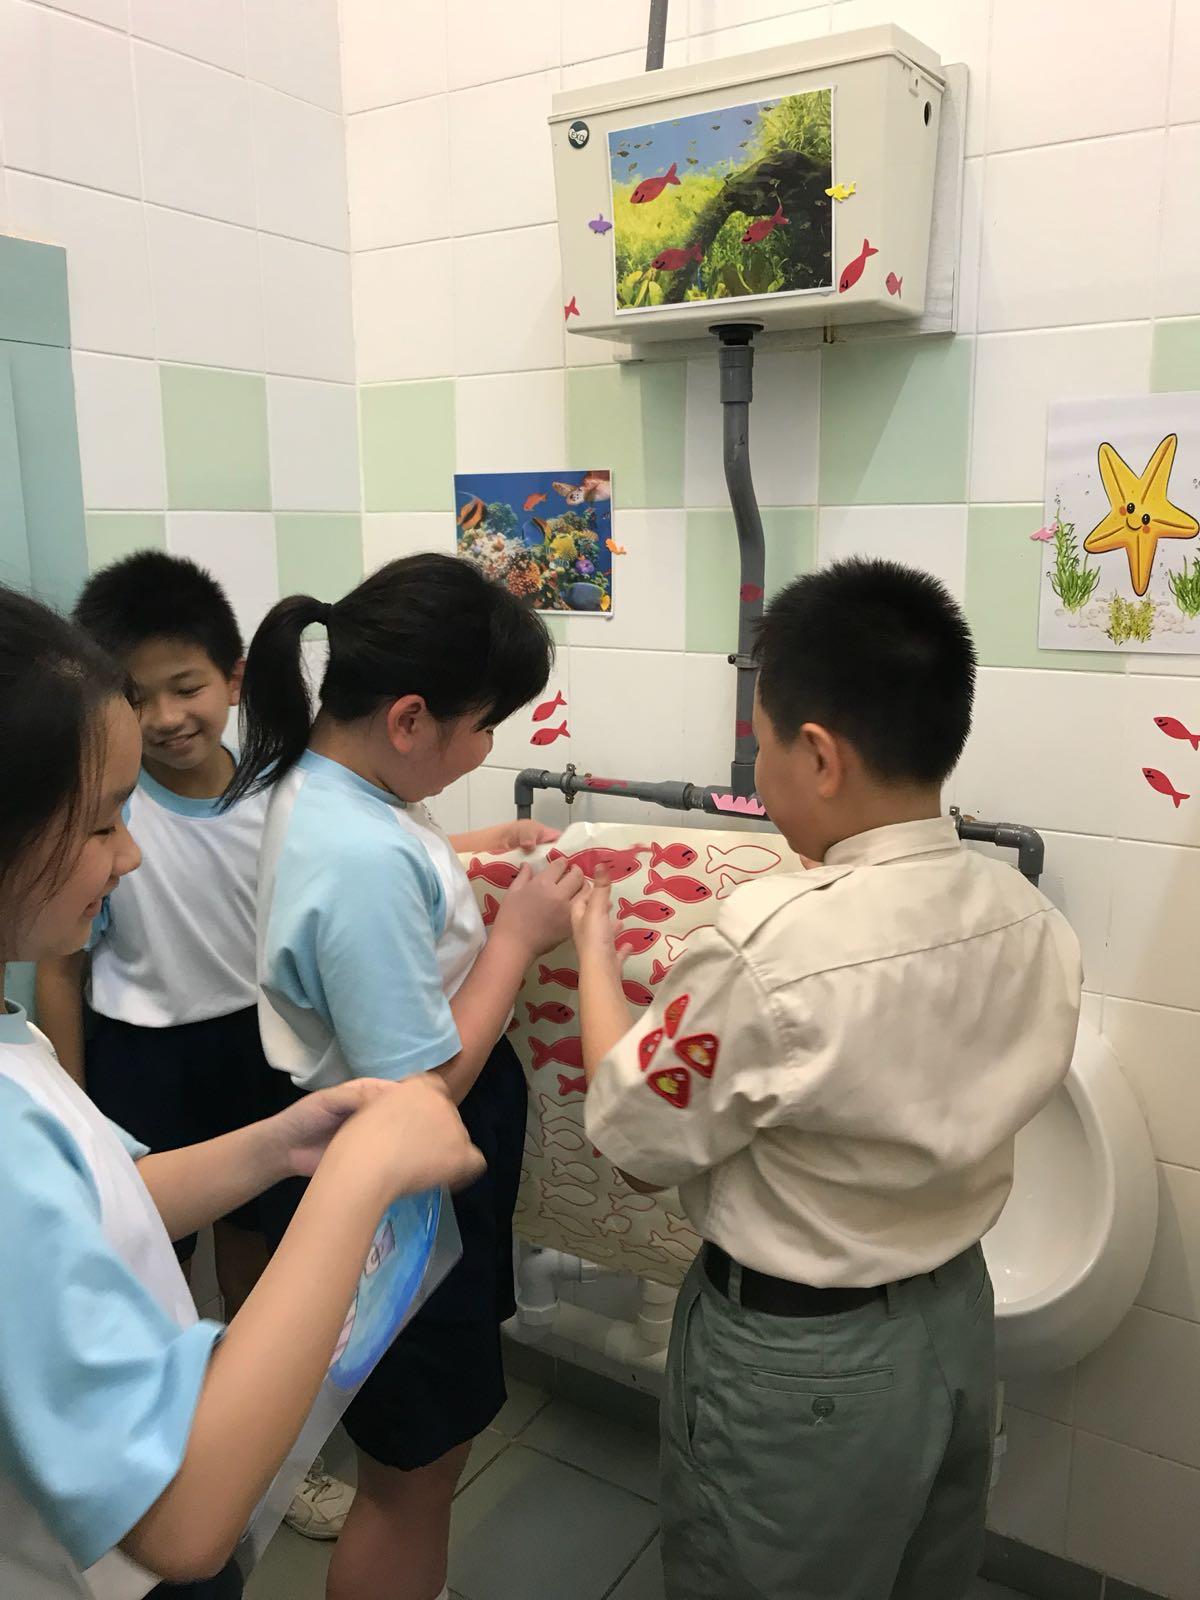 同學認真地為對方設計洗手間